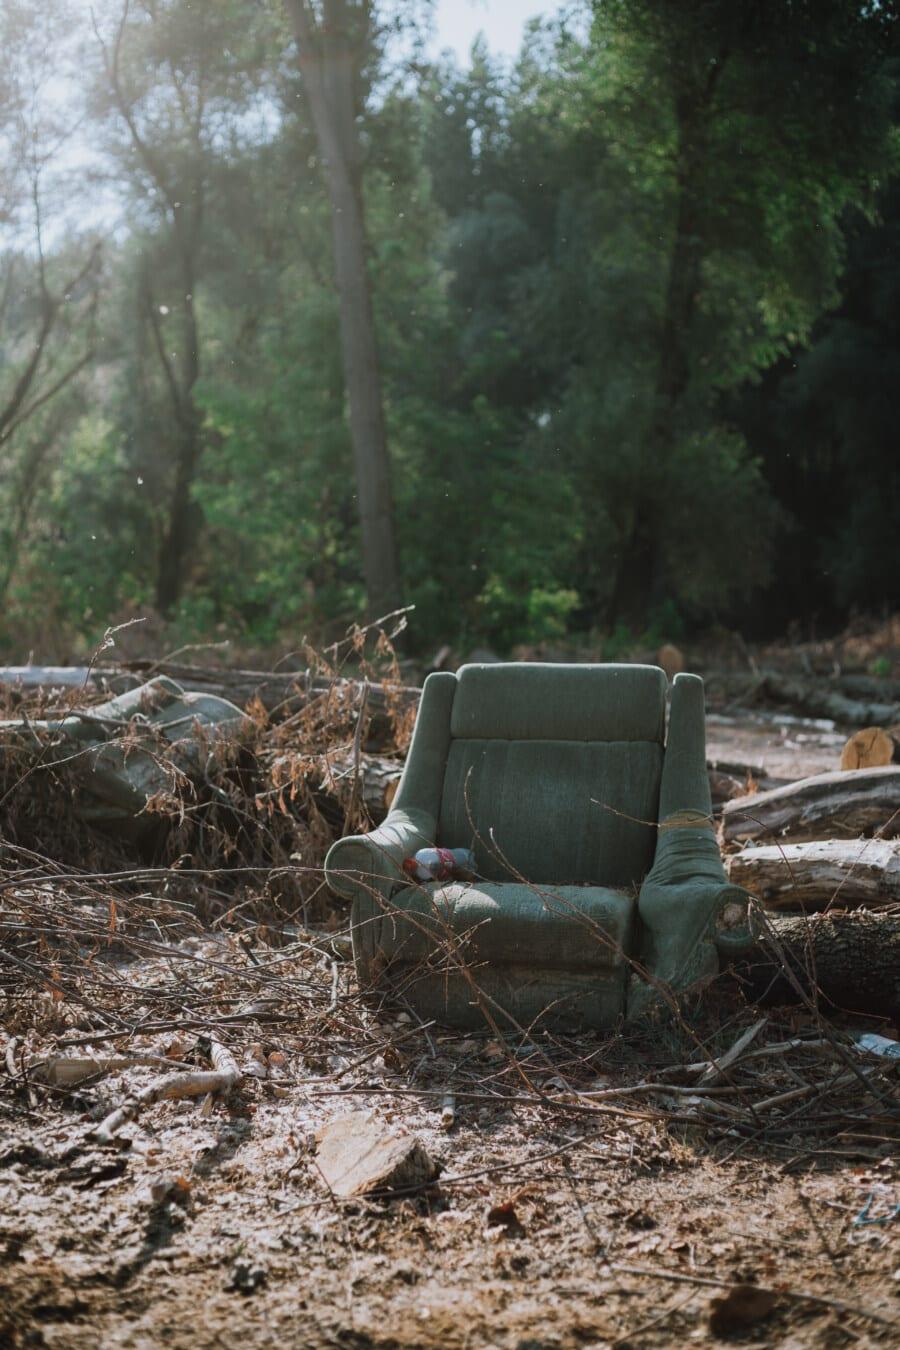 fauteuil, carie, vert, style ancien, poubelle, sale, garbage, forêt, bois de chauffage, bois